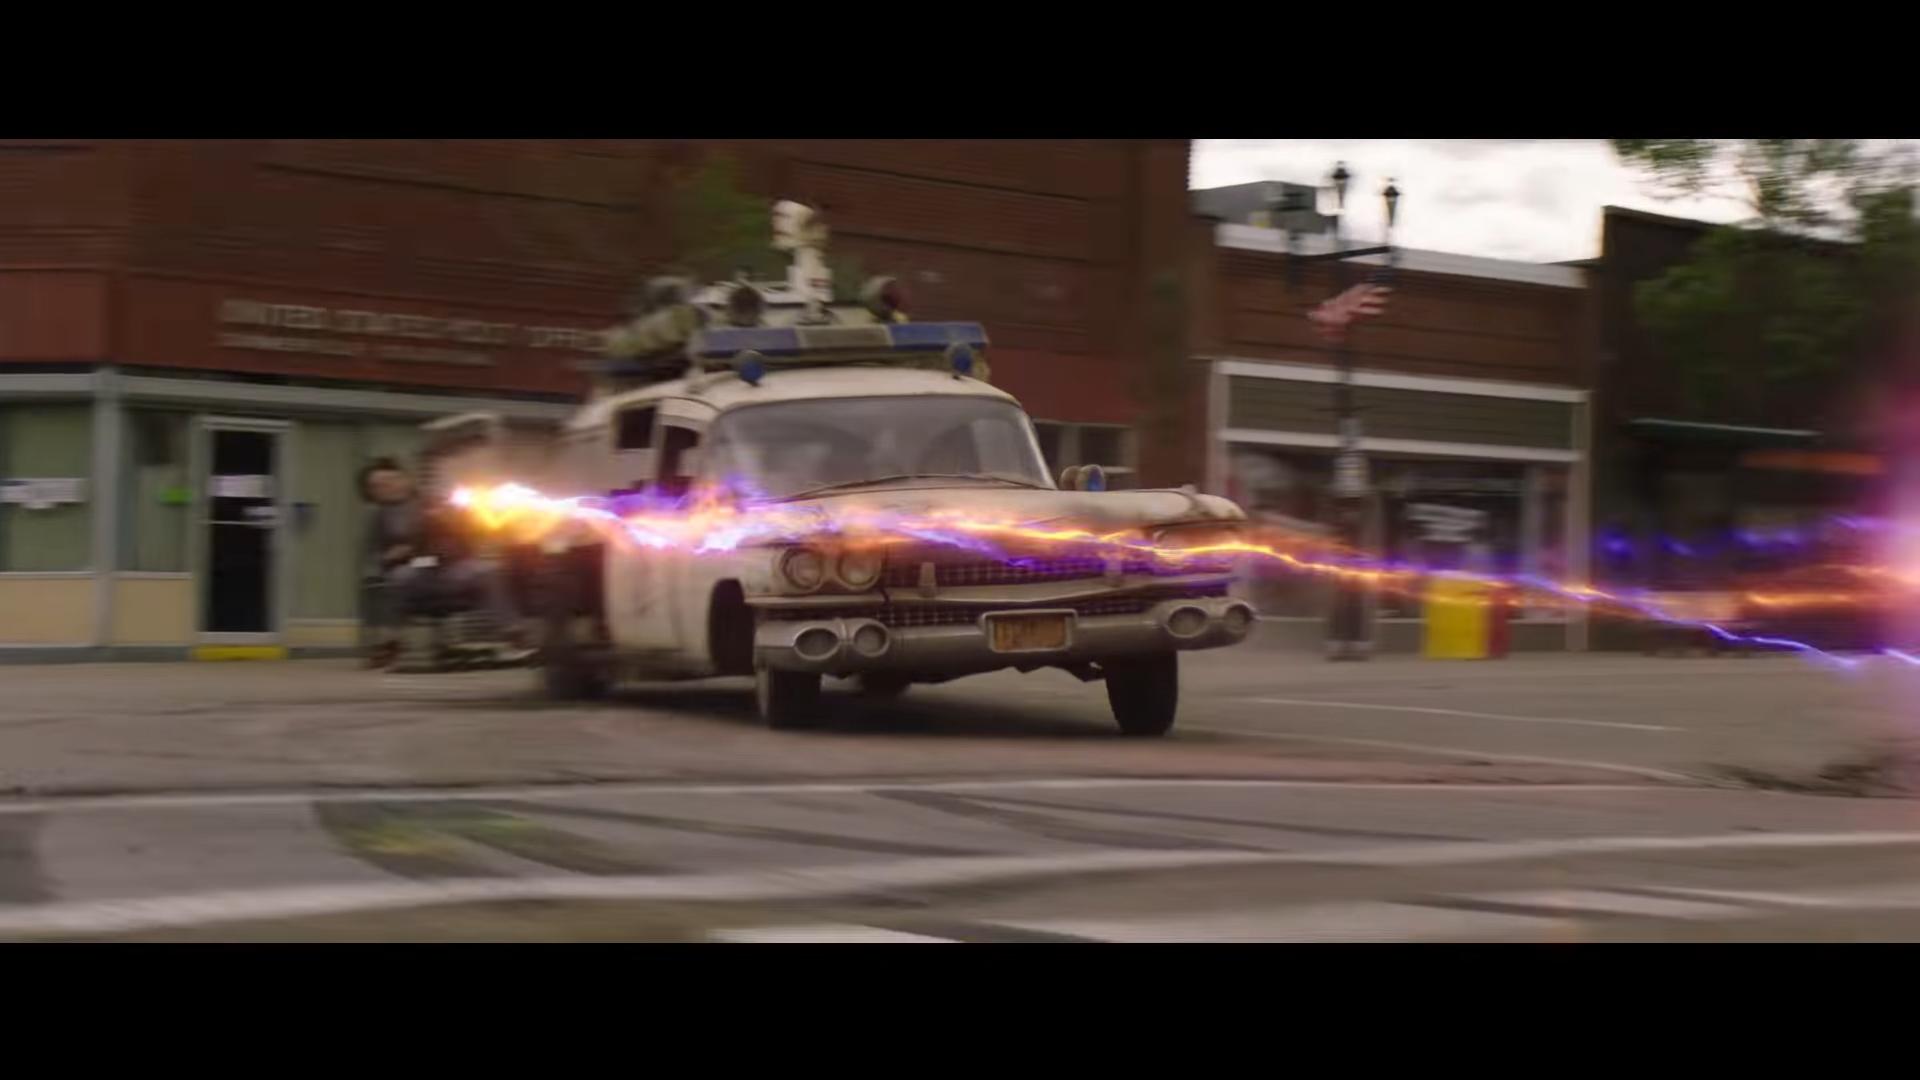 Ghostbusters Ecto-1 3 4 voor rijder drift op straat